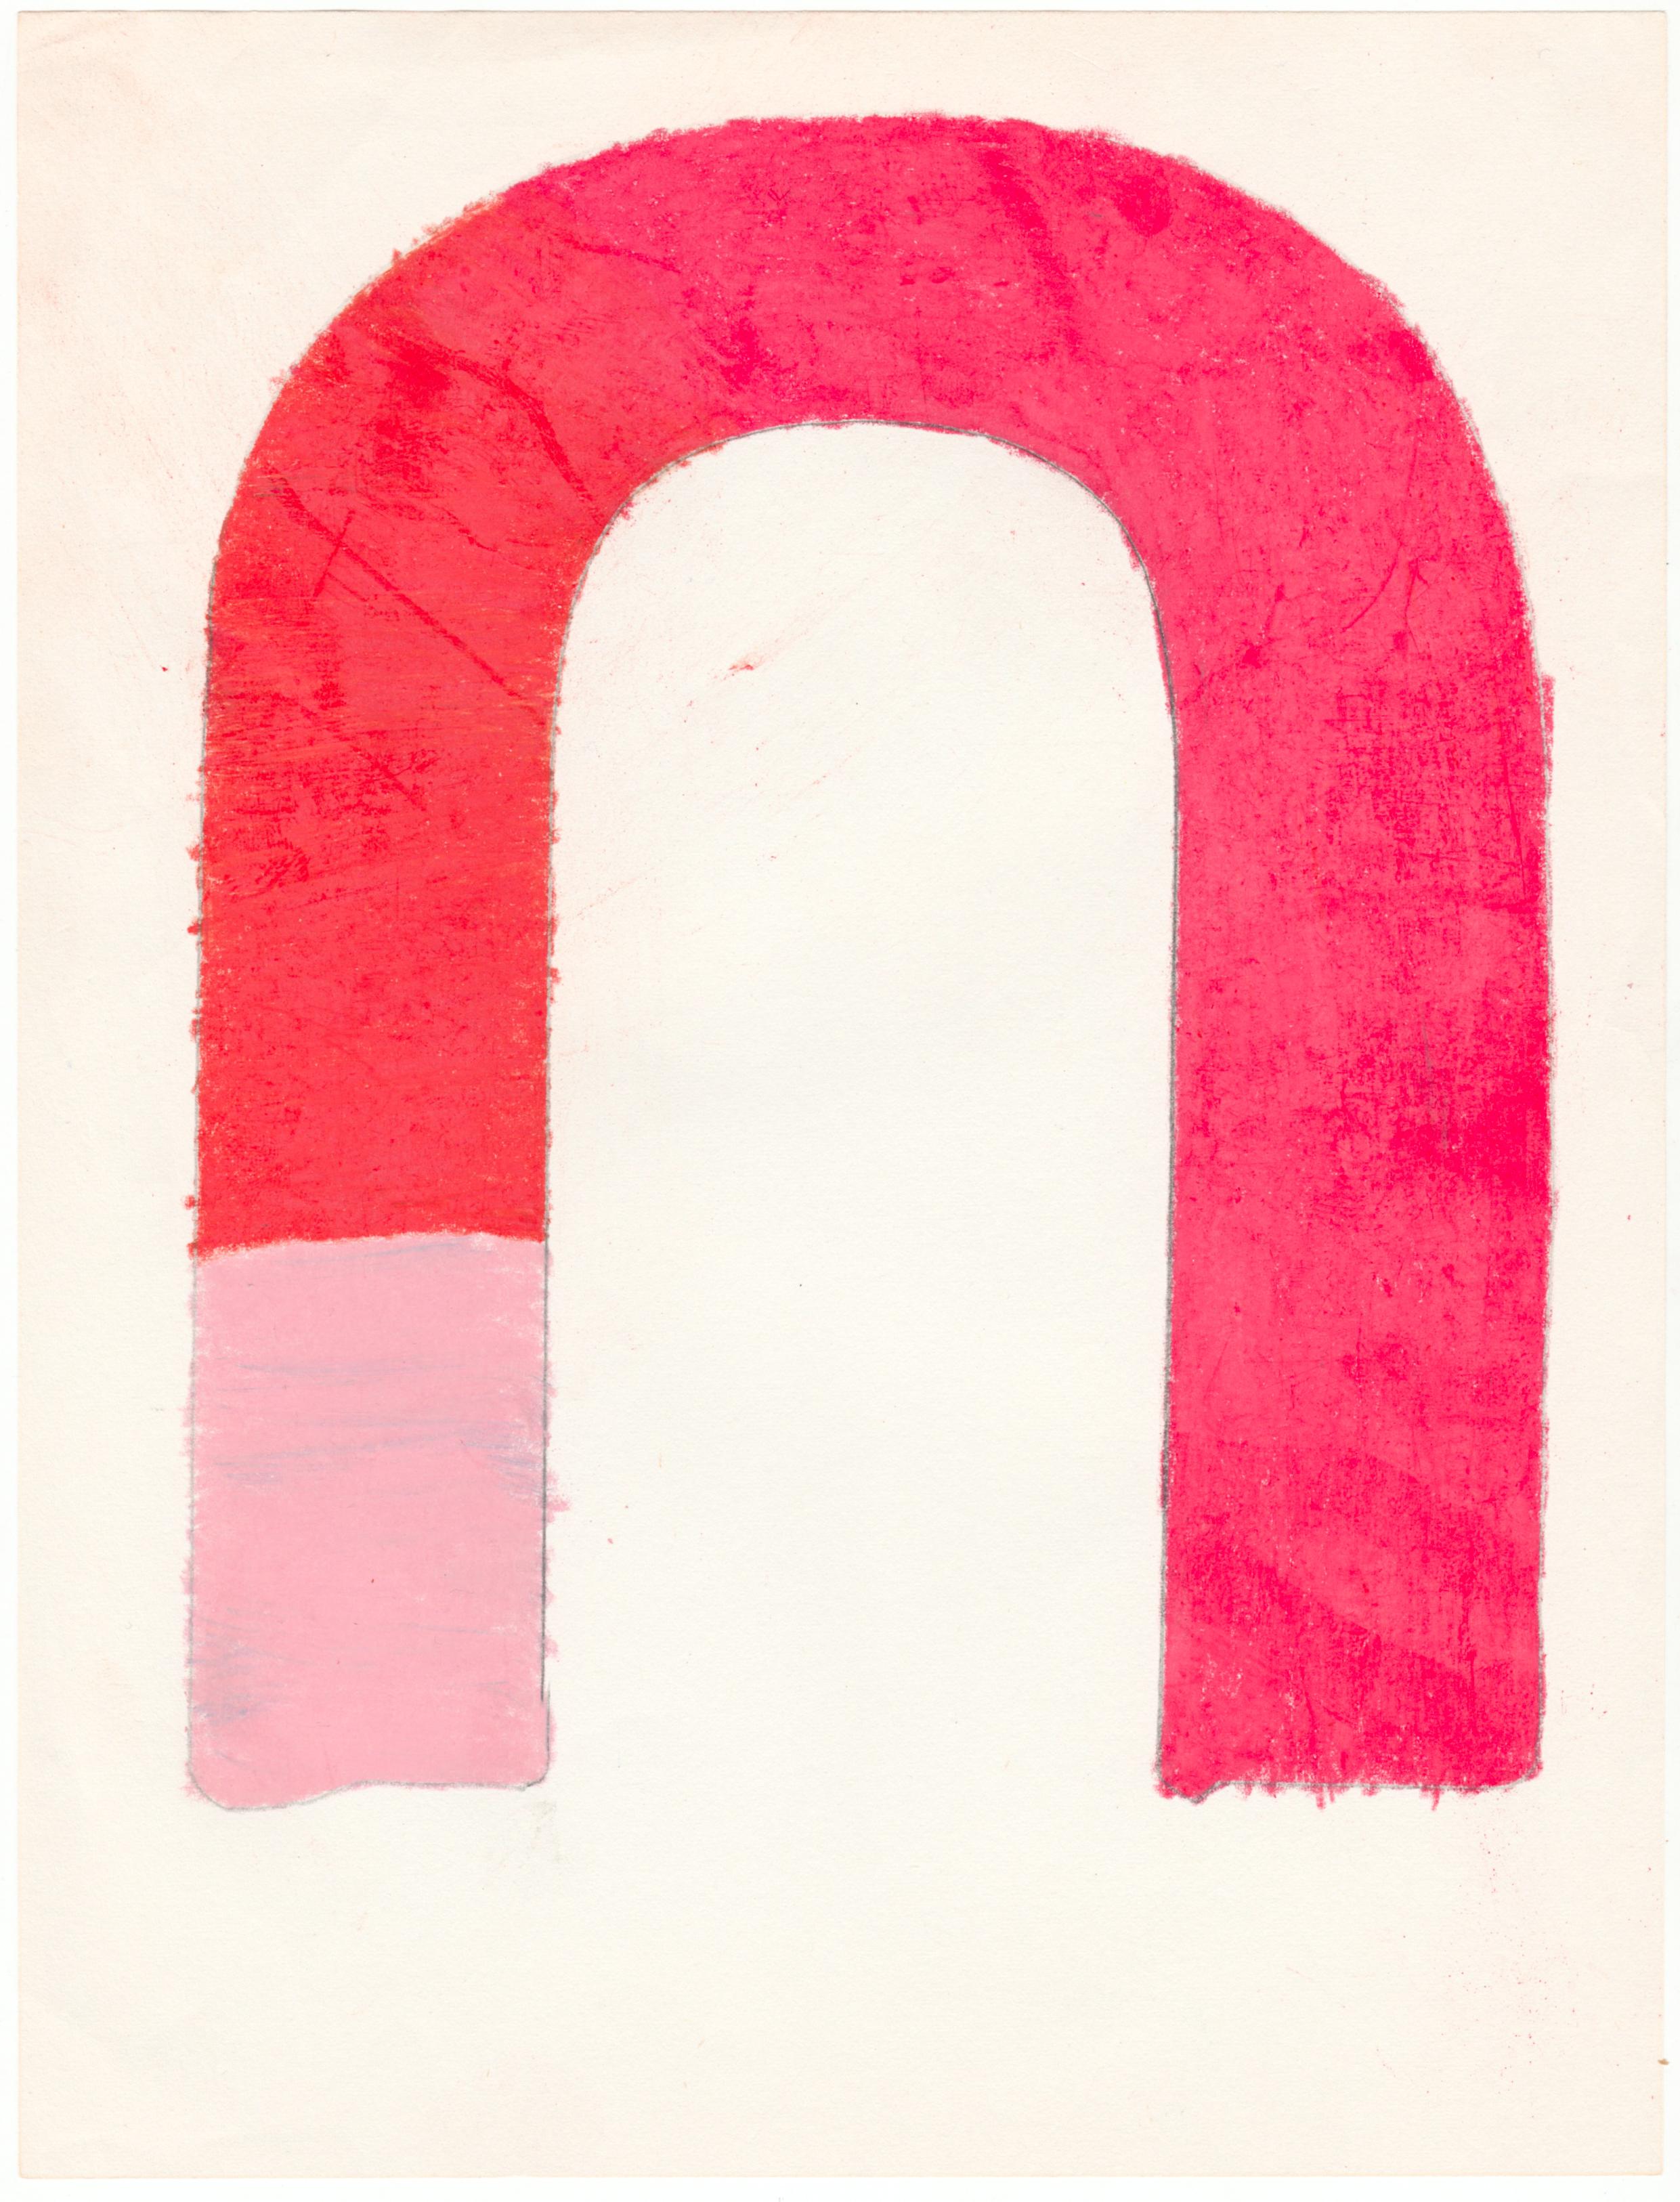 Alice Bonczkowski, Untitled (AB 021), 8x10.5 inches